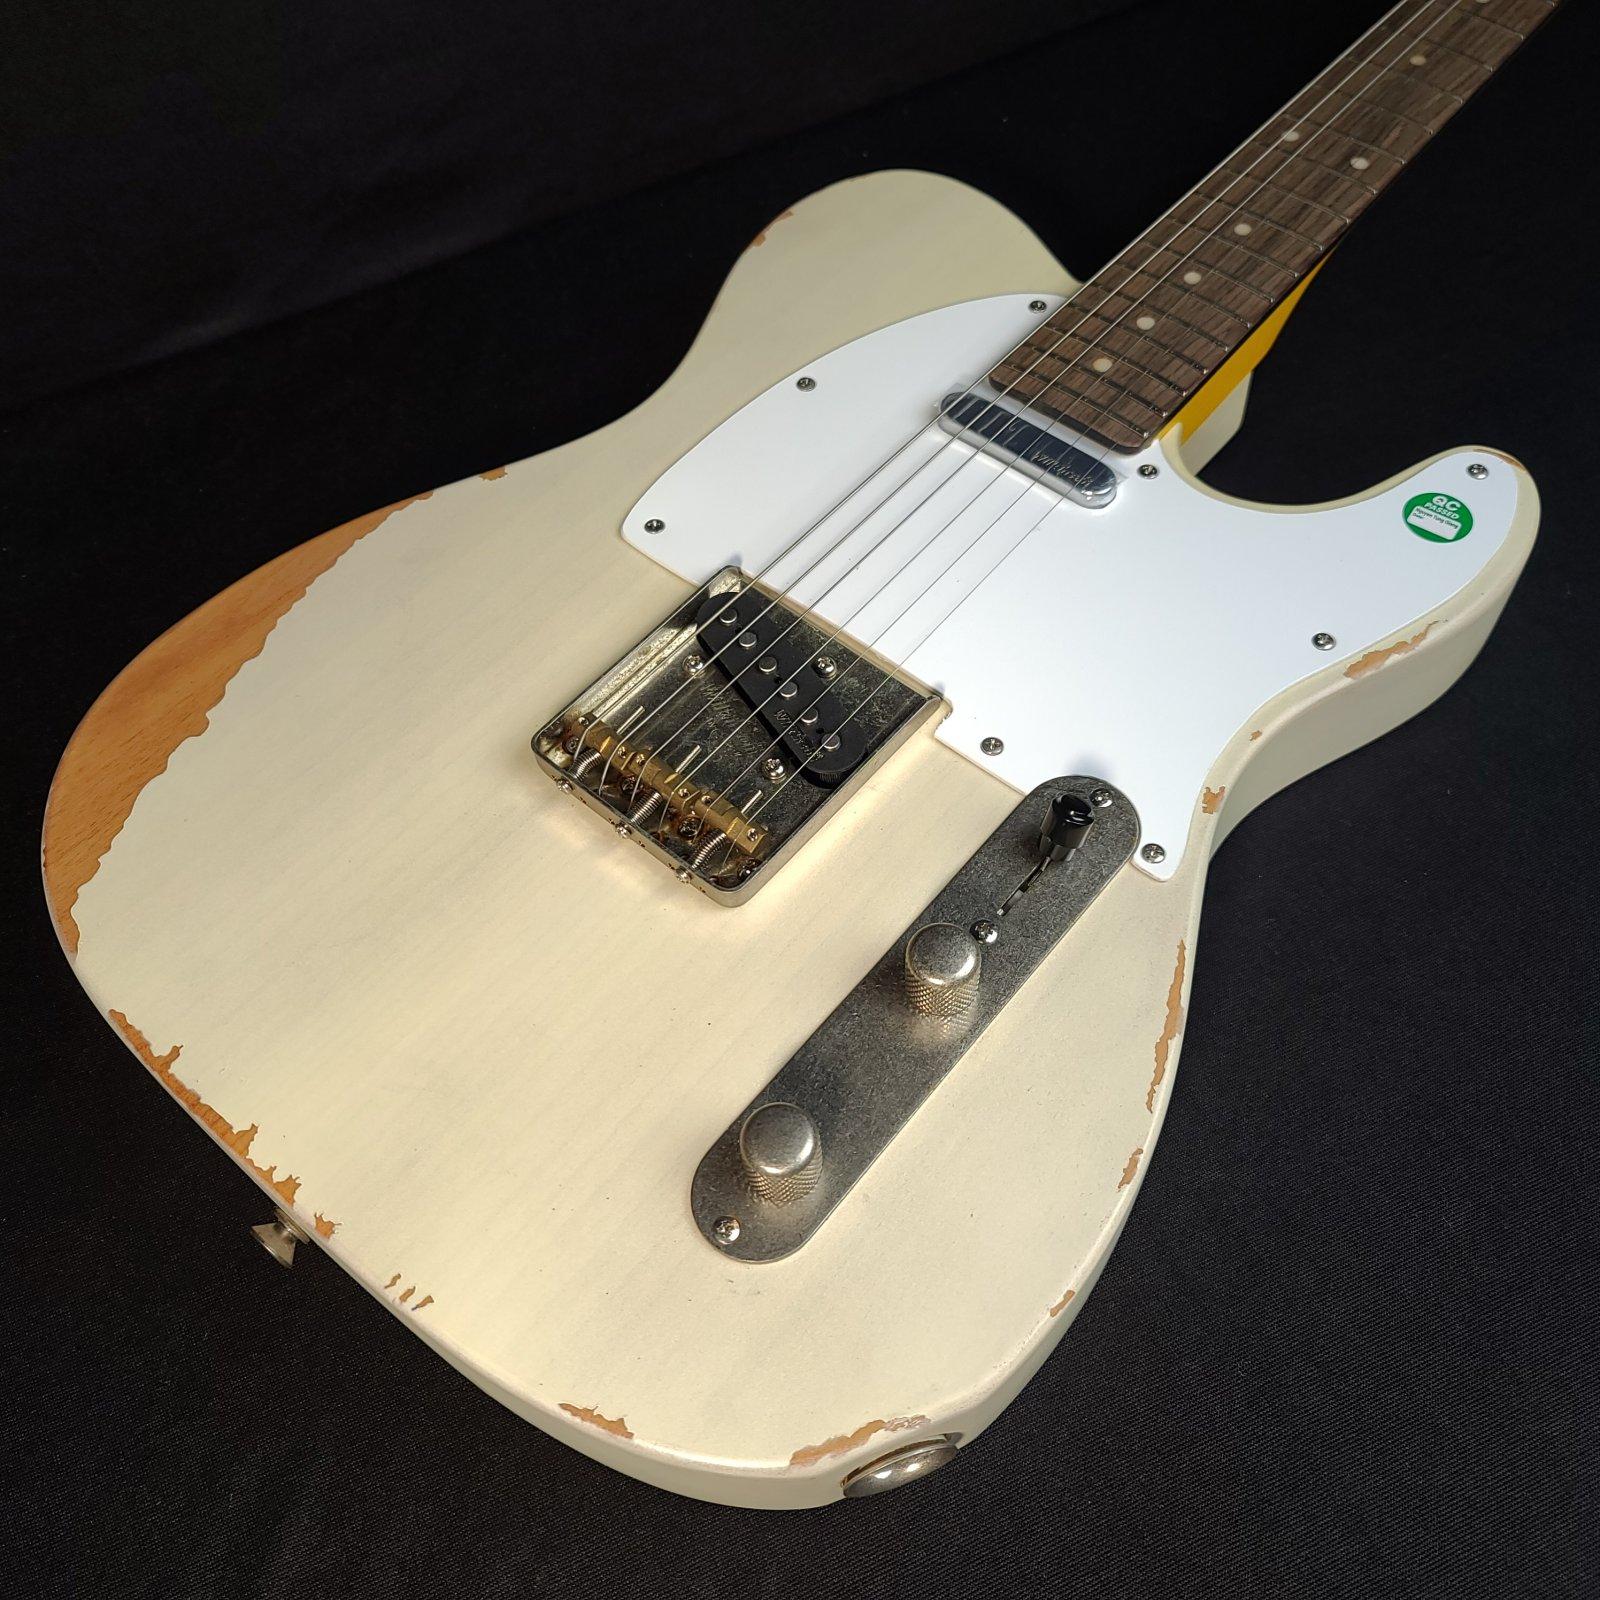 Vintage V62MRAB Distressed Reissue Ash Blonde Electric Guitar